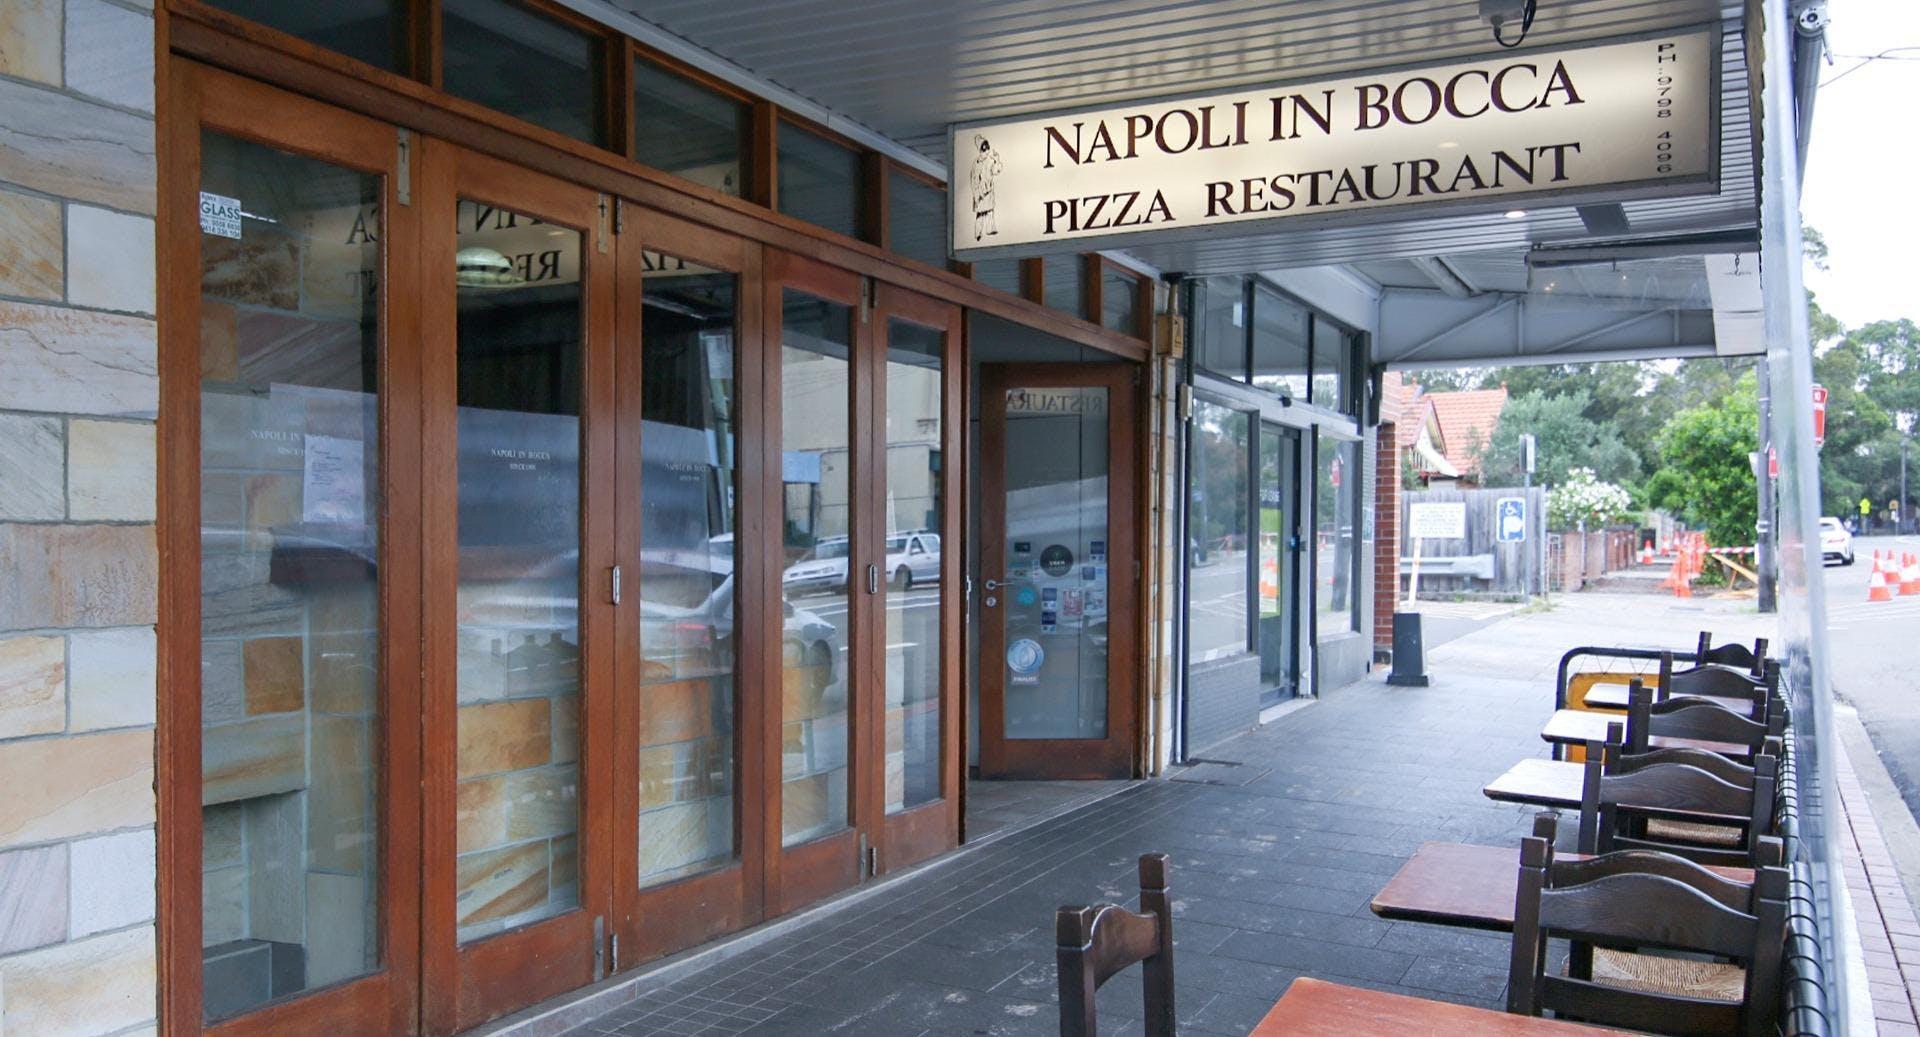 Napoli in Bocca Sydney image 2